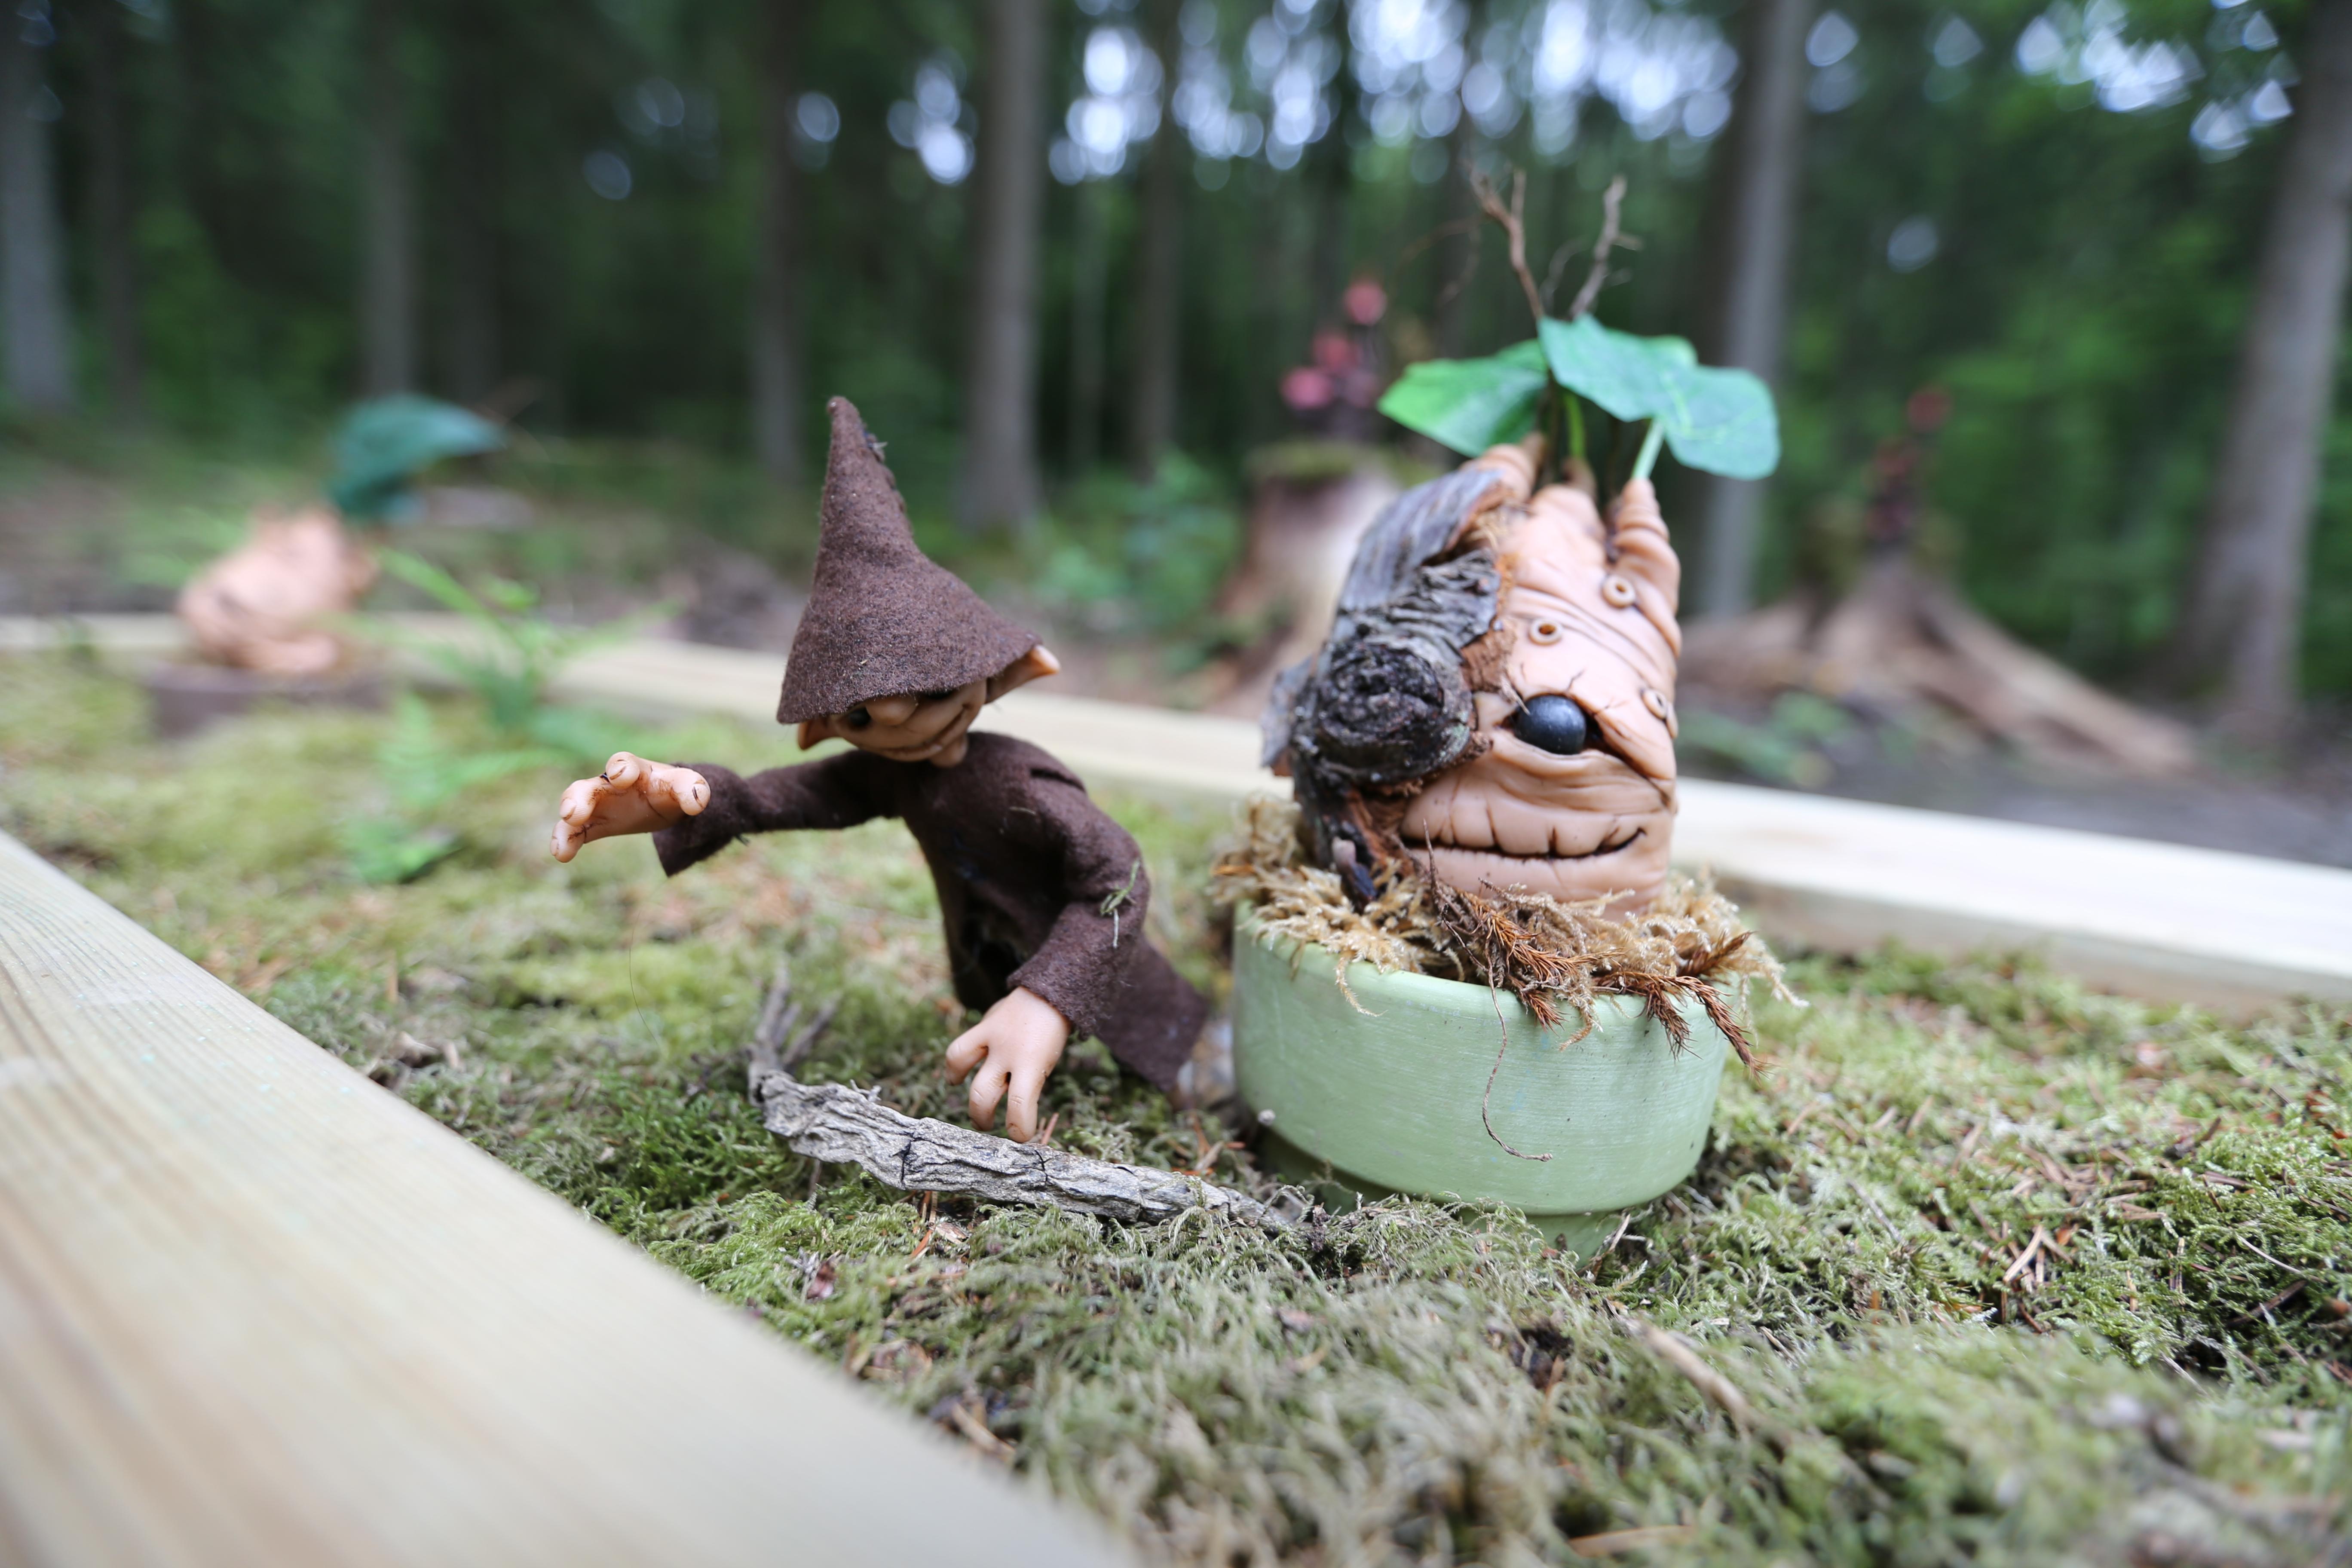 Photographie de potager magique réalisé par Yauque Company dans le parc de loisirs à thème Elfy park